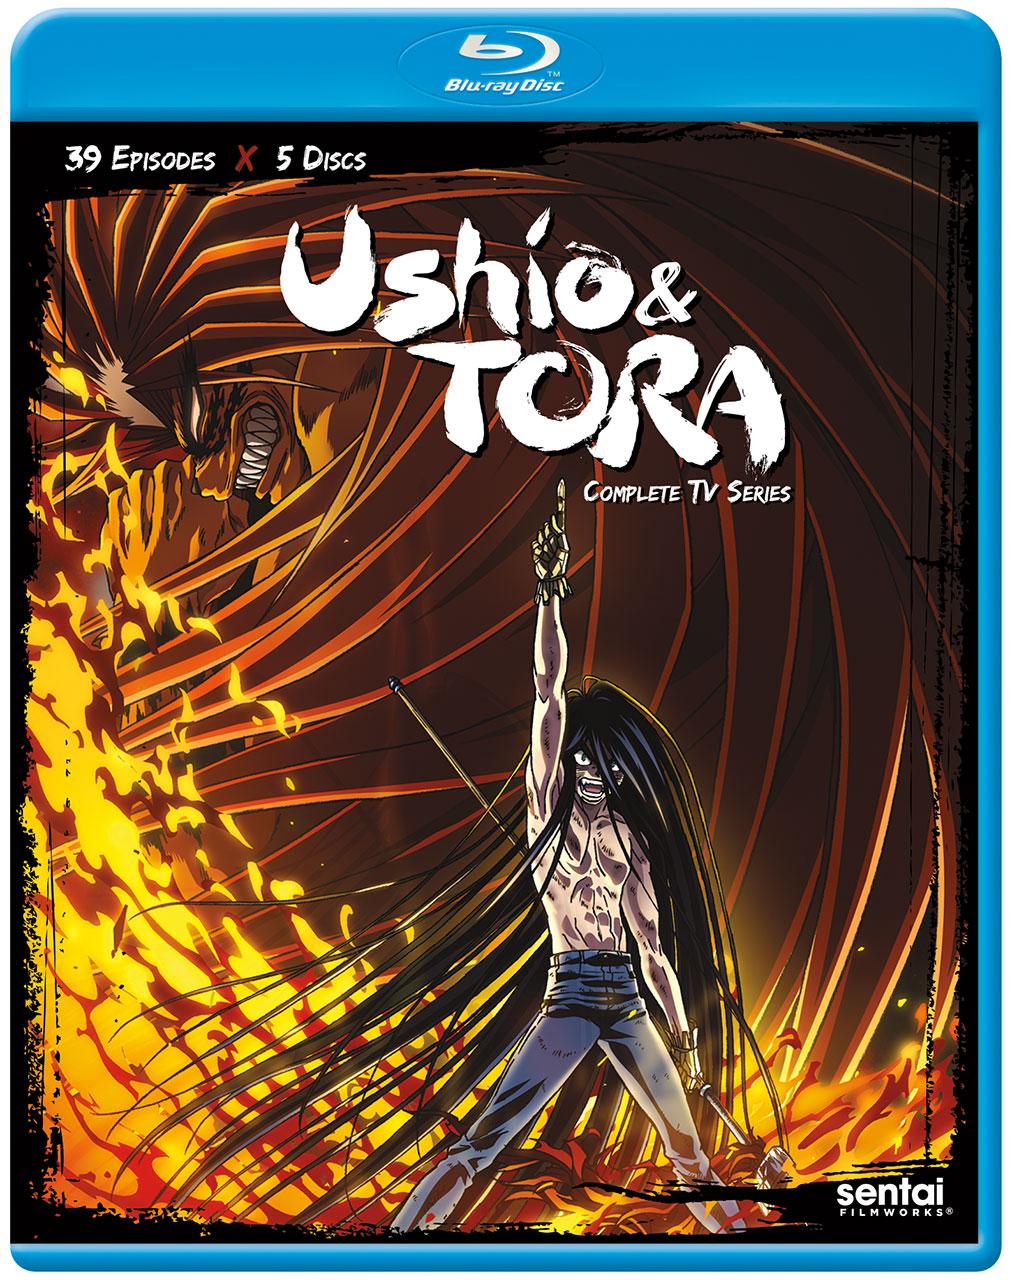 Ushio & Tora Blu-Ray